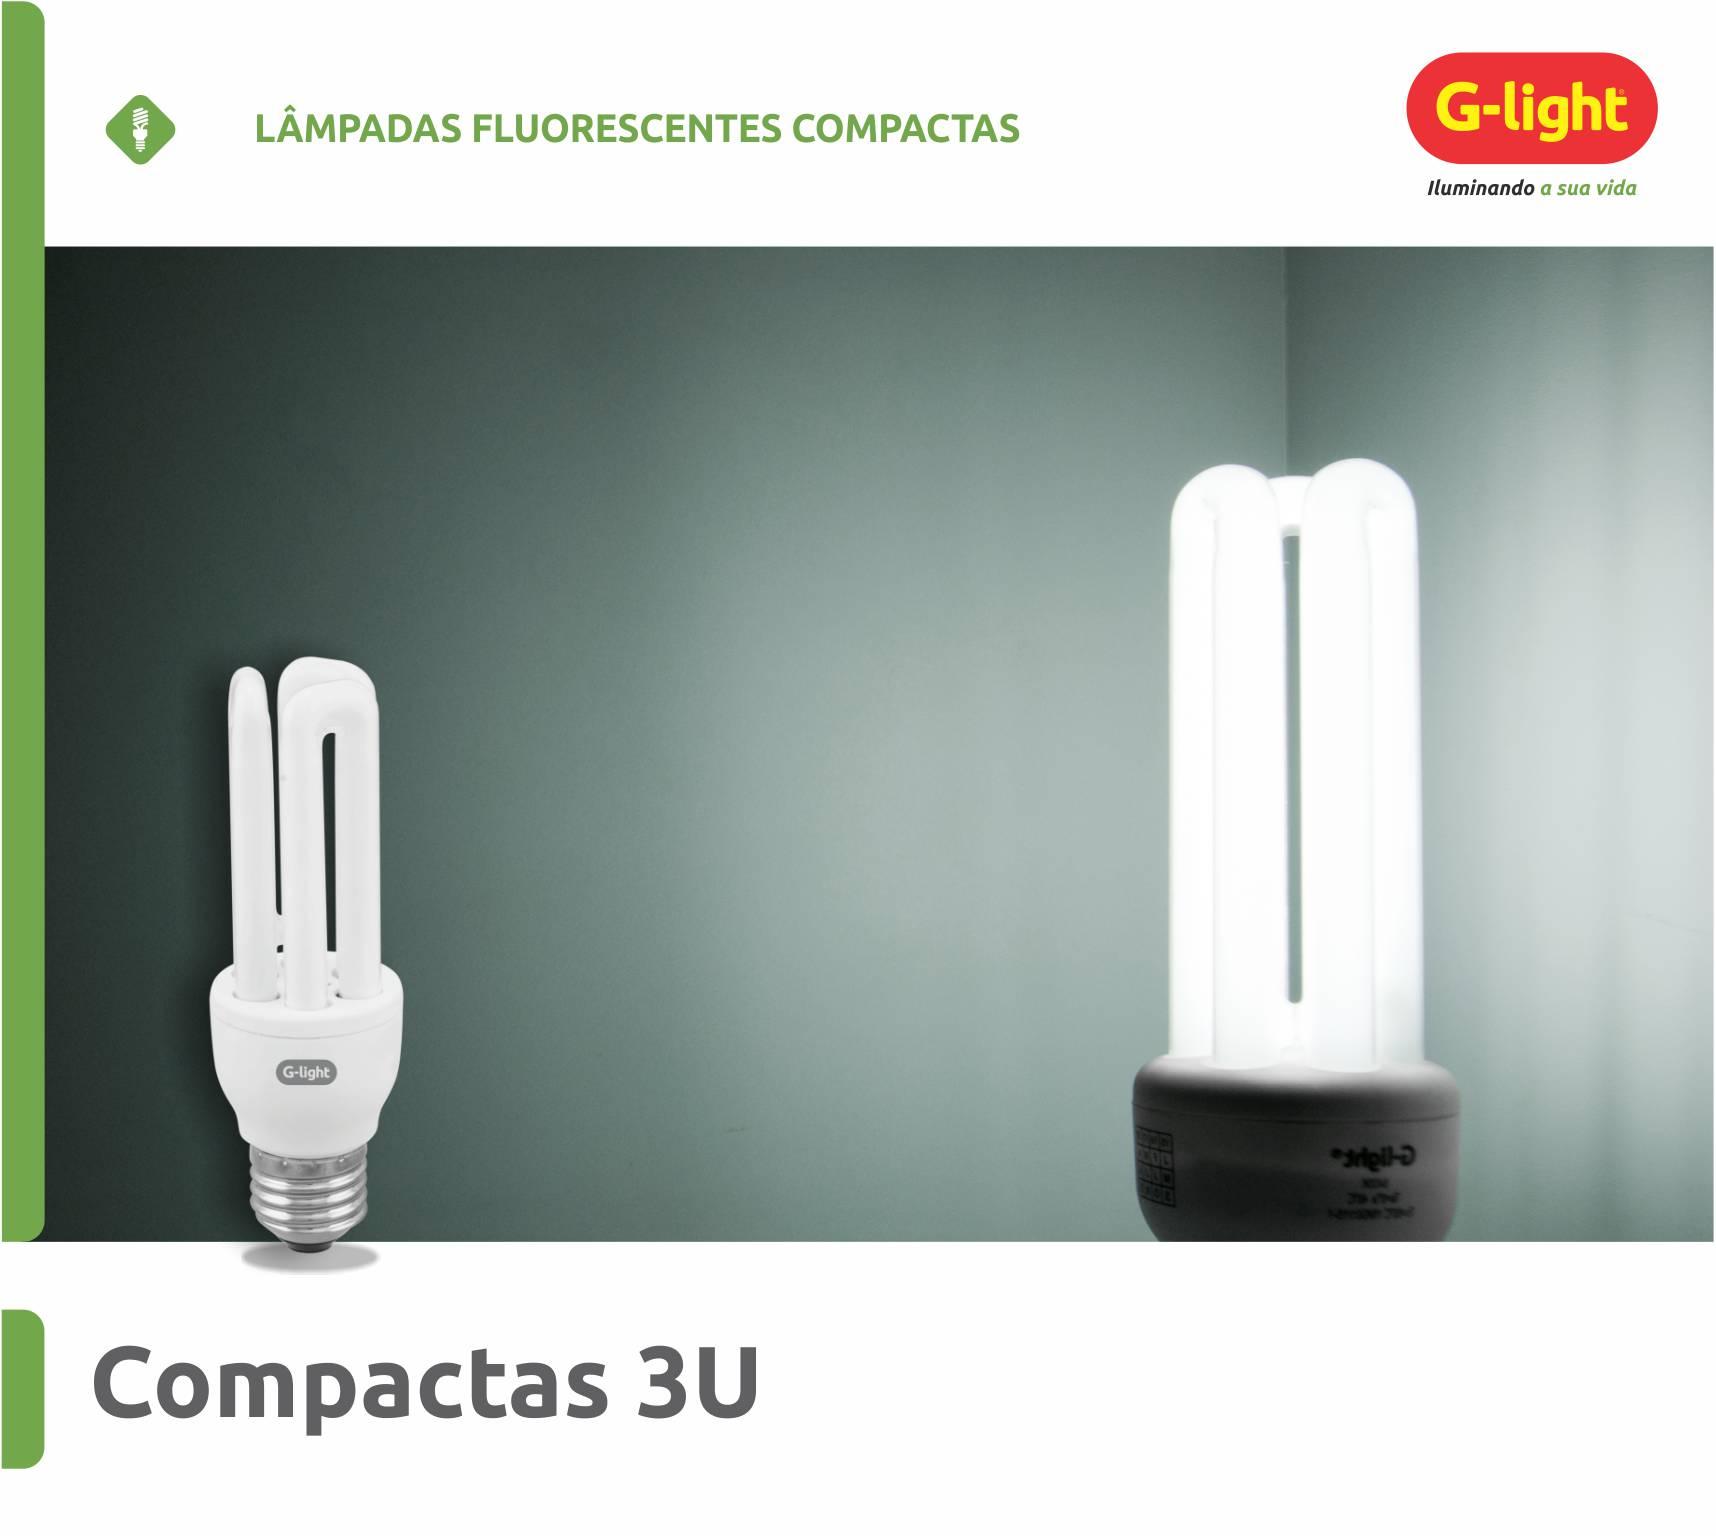 Compactas 3U